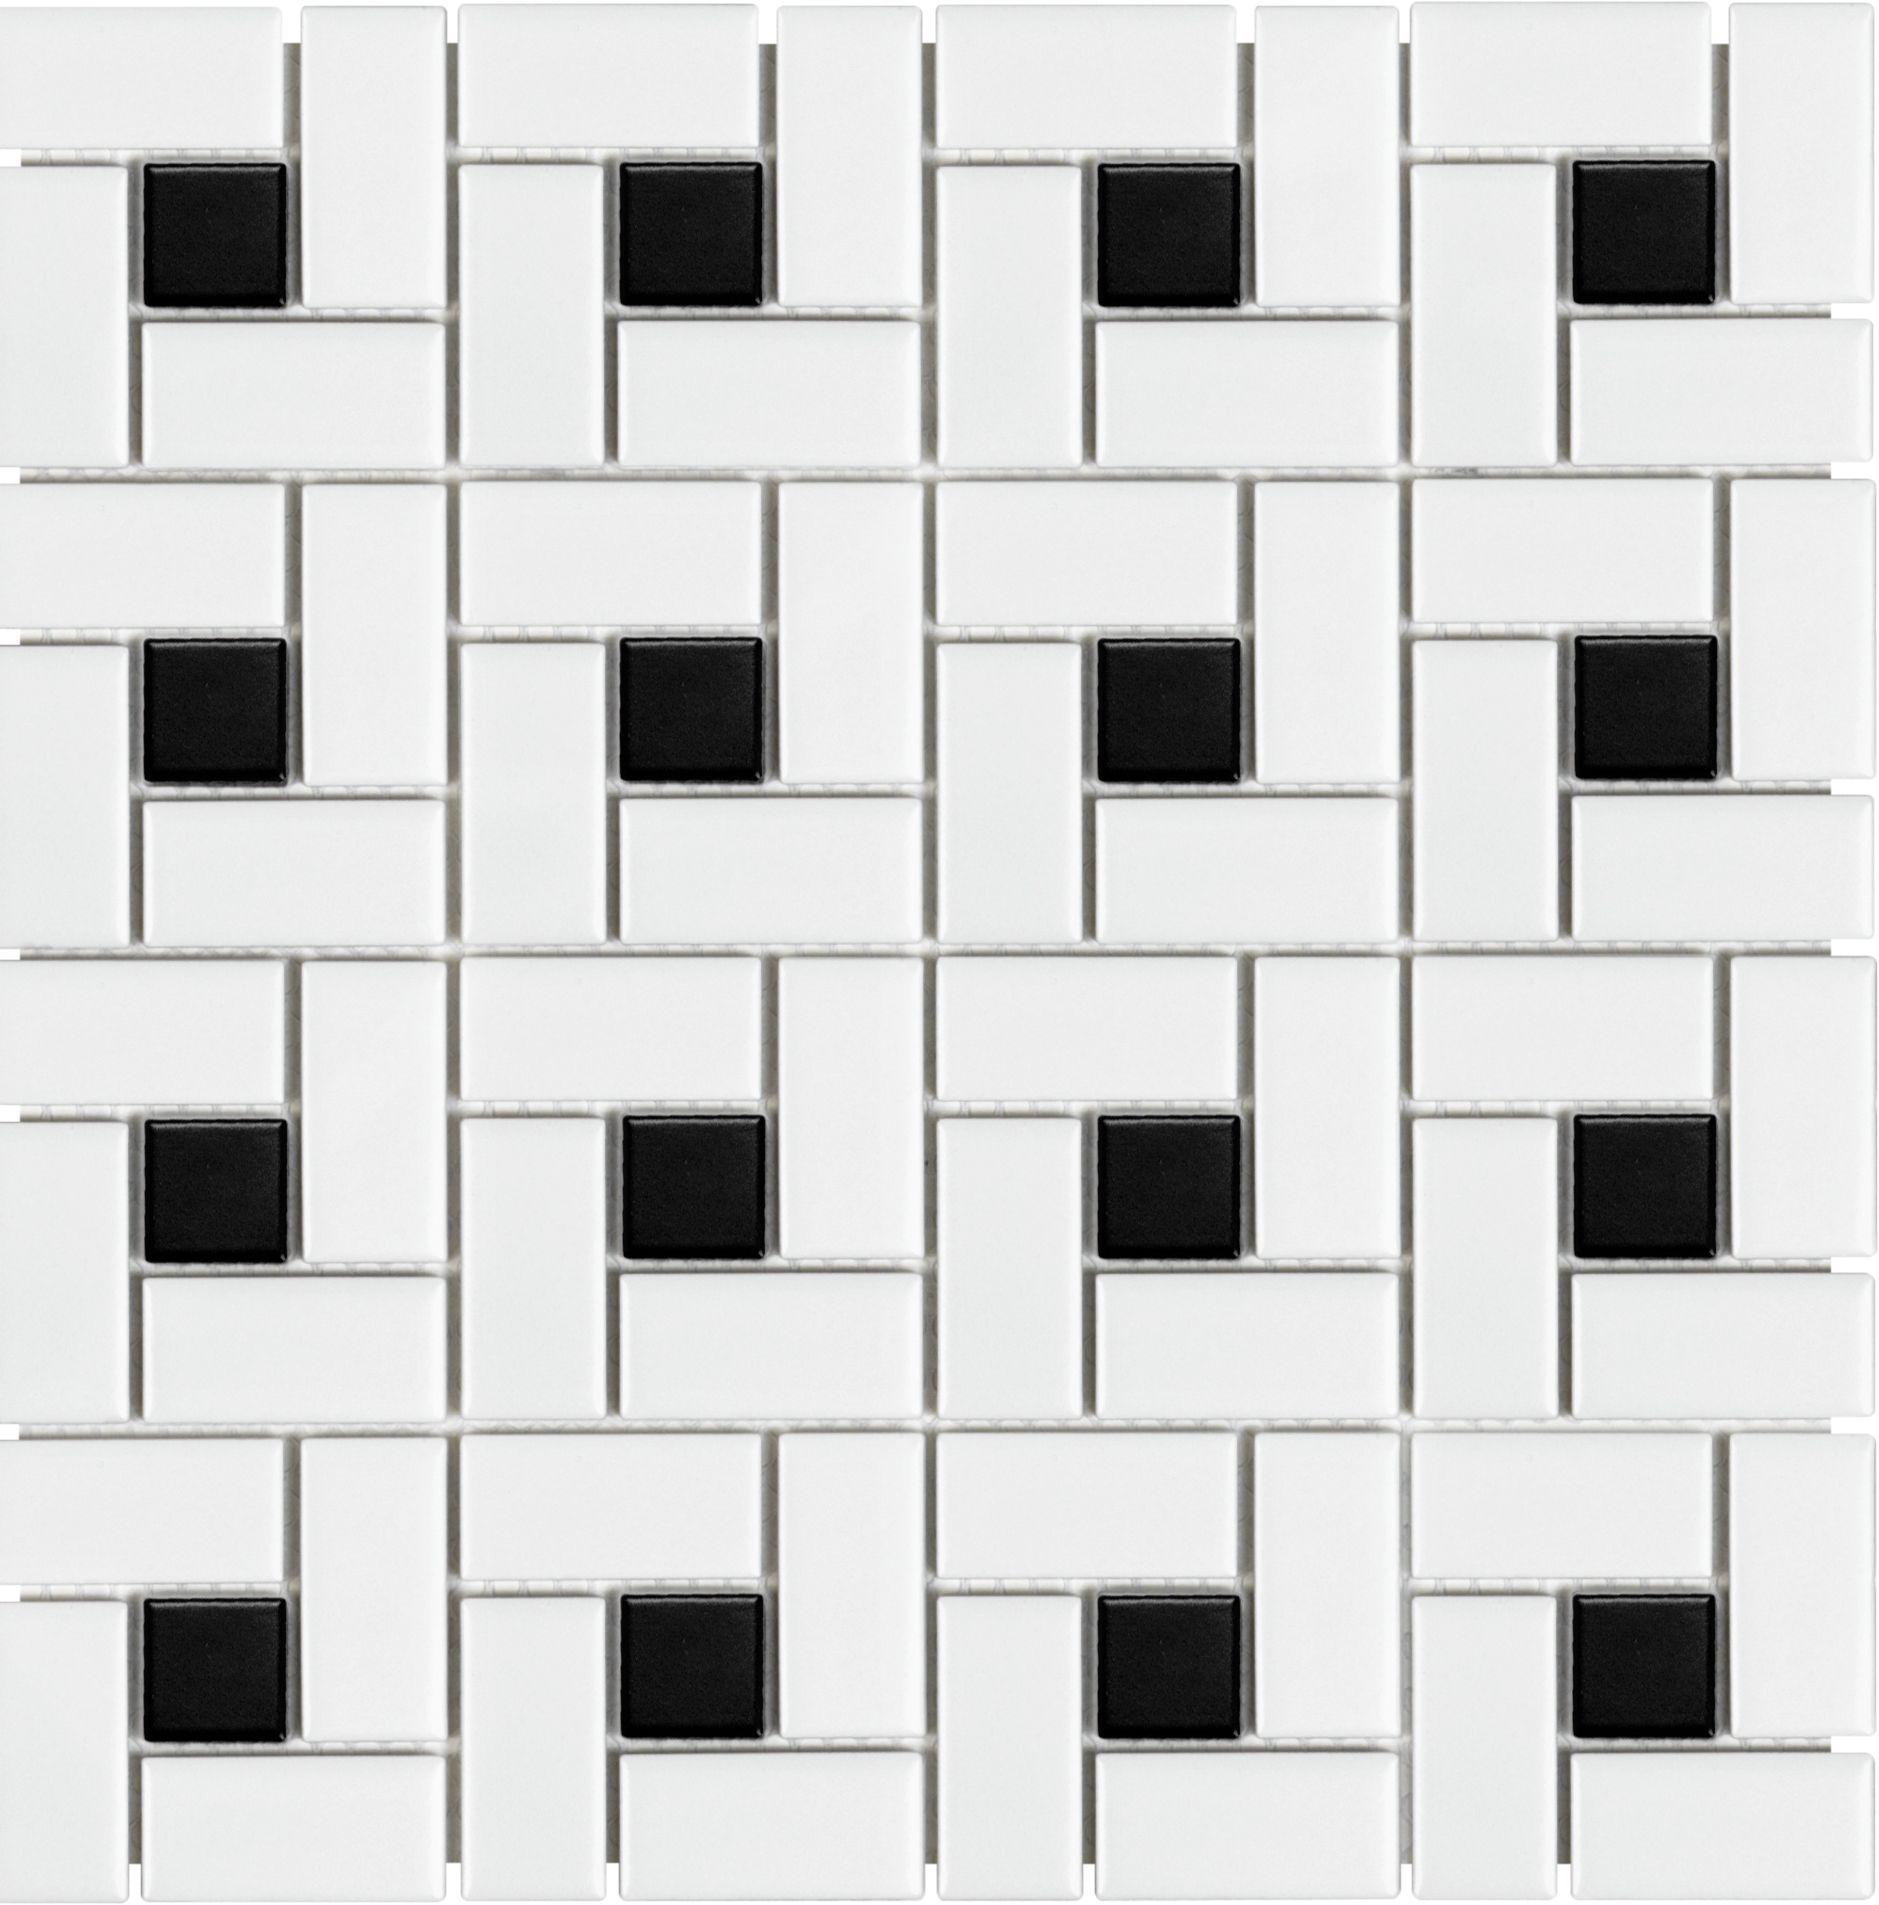 Cathedral Soho White Matte With Black Dot Pinwheel Porcelain Mosaic Porcelain Mosaic Tile Mosaic Flooring Porcelain Mosaic